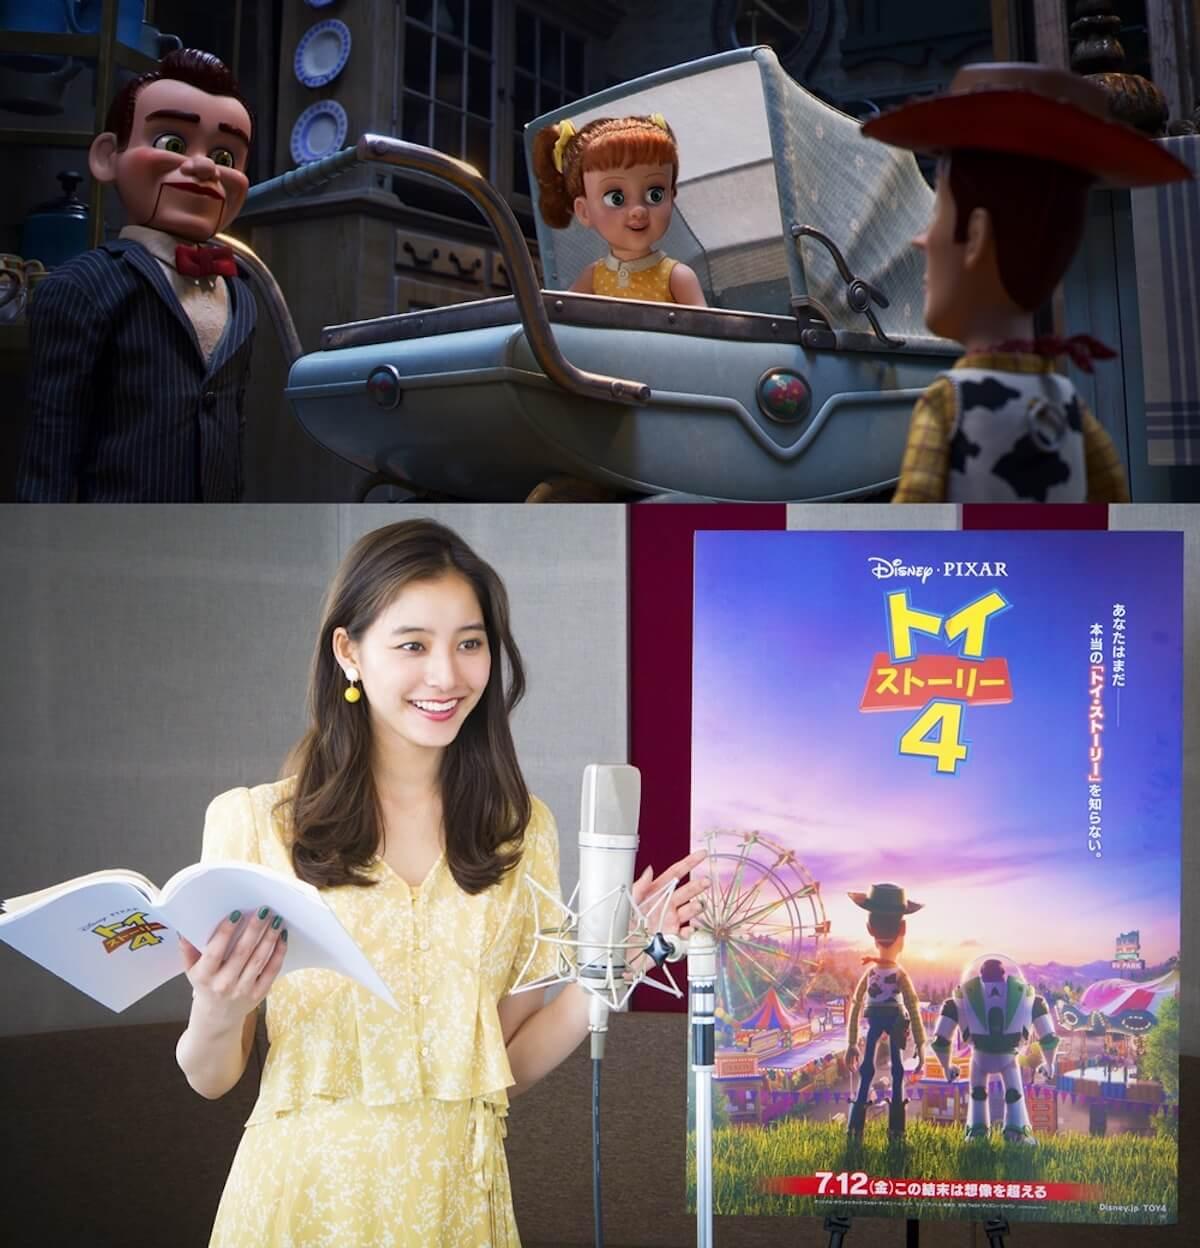 『トイ・ストーリー4』女の子のお人形「ギャビー・ギャビー」の日本版声優に新木優子が決定! aaad88c369f11de0fd50fe2174db9ecc